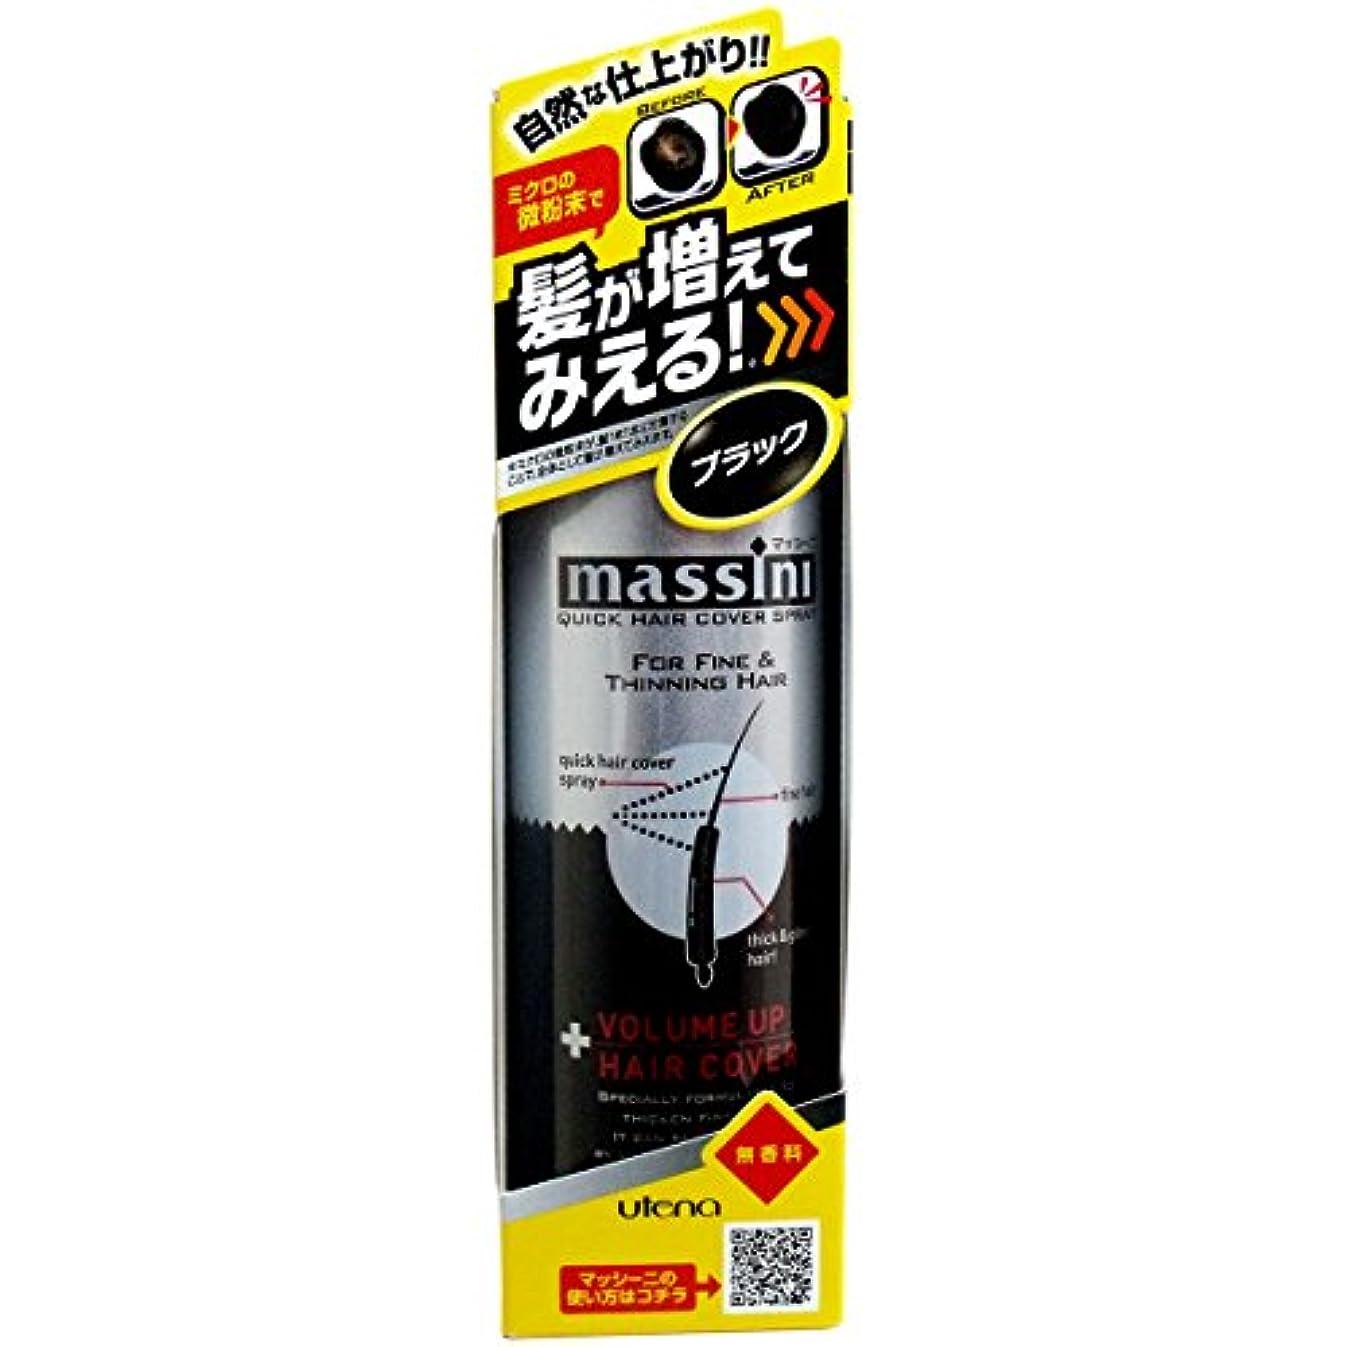 驚くべき一致進捗【ウテナ】マッシーニ クィックヘアカバースプレー(ブラック) 140g ×3個セット